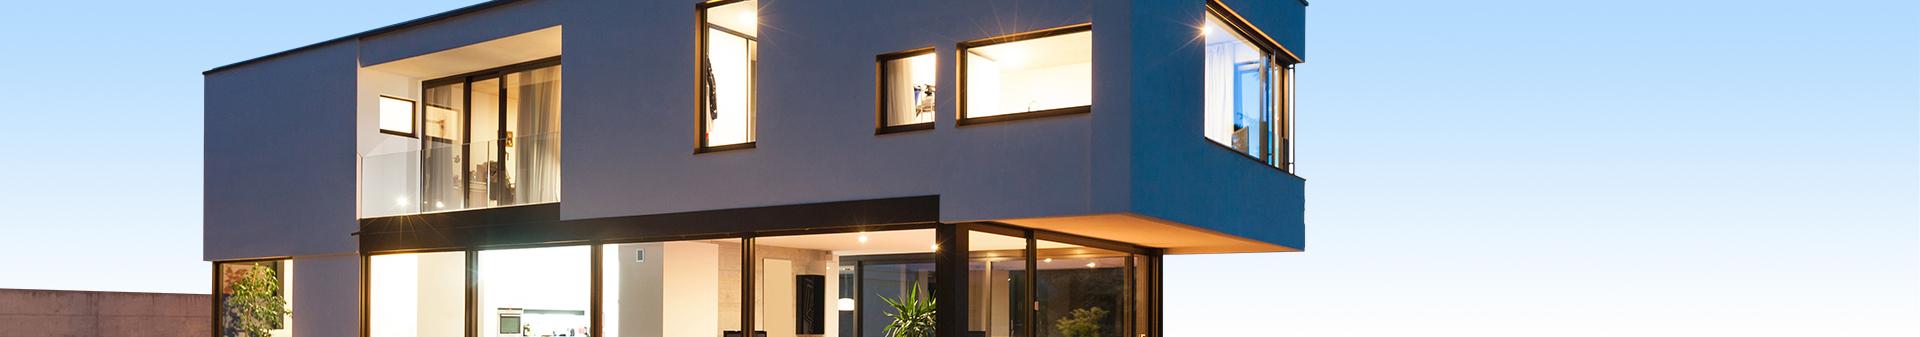 Constructeur maison modulaire rhone alpes ventana blog - Constructeur maison modulaire ...